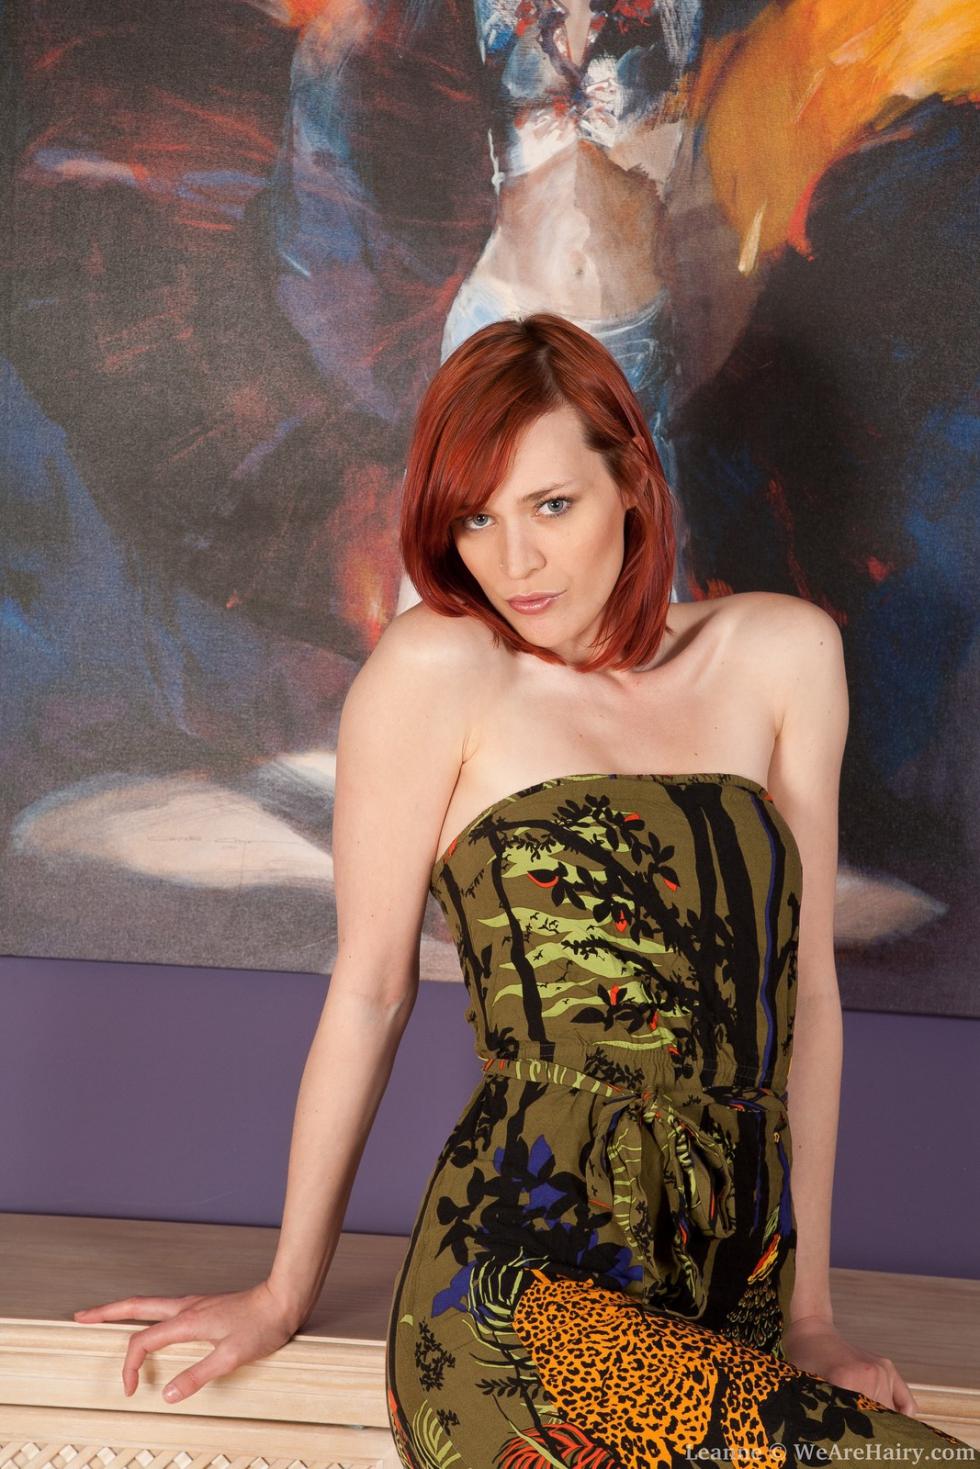 Redhead photos leanne